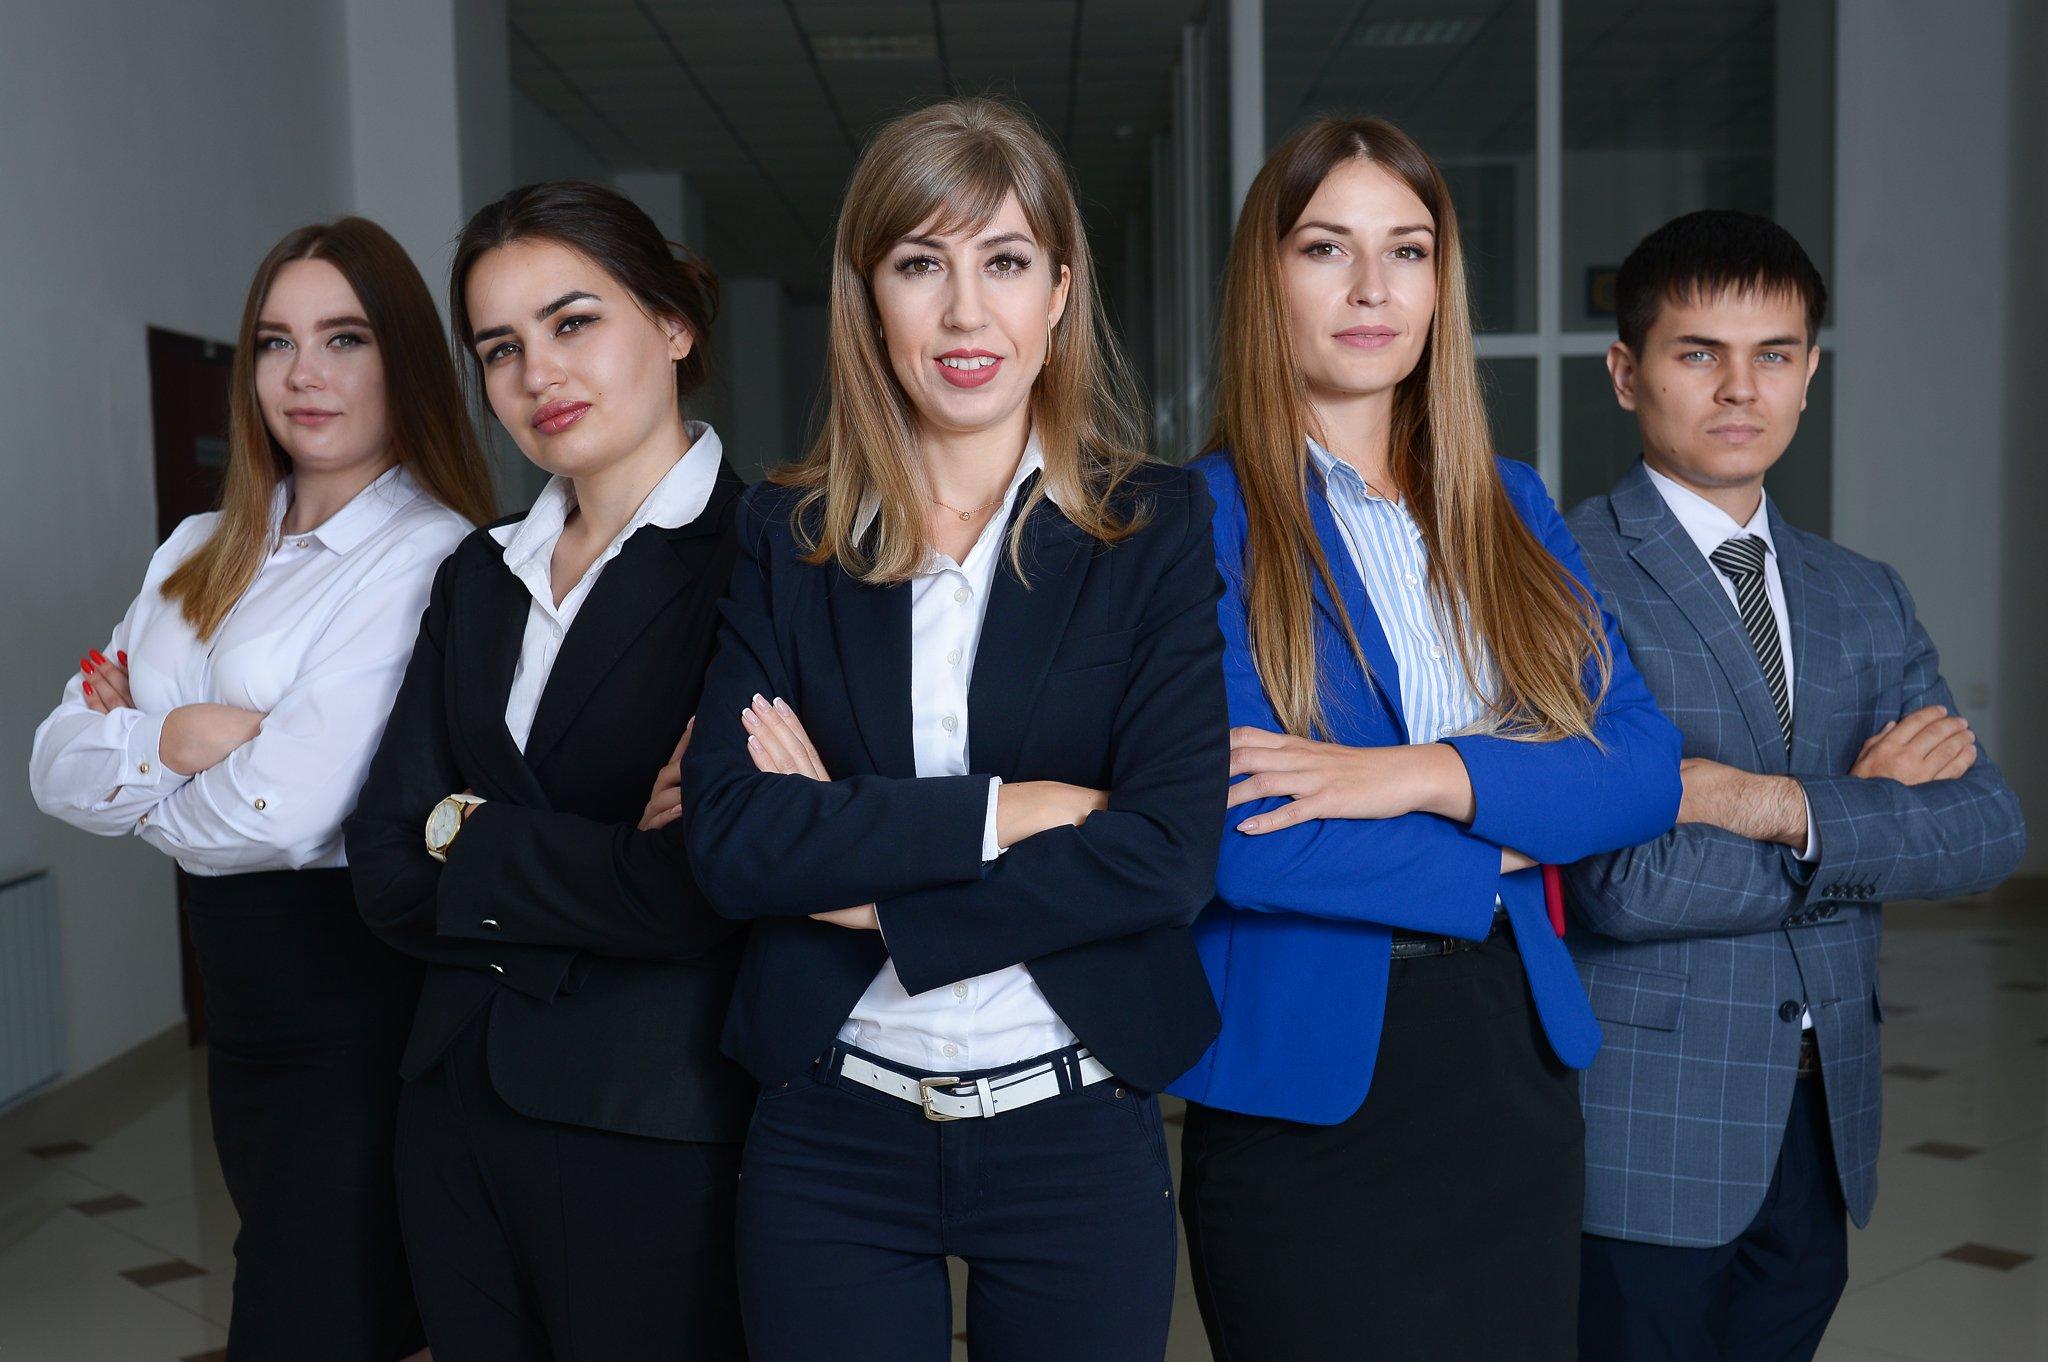 Компания MG Partners: бухгалтерские услуги и сопровождение по доступной цене